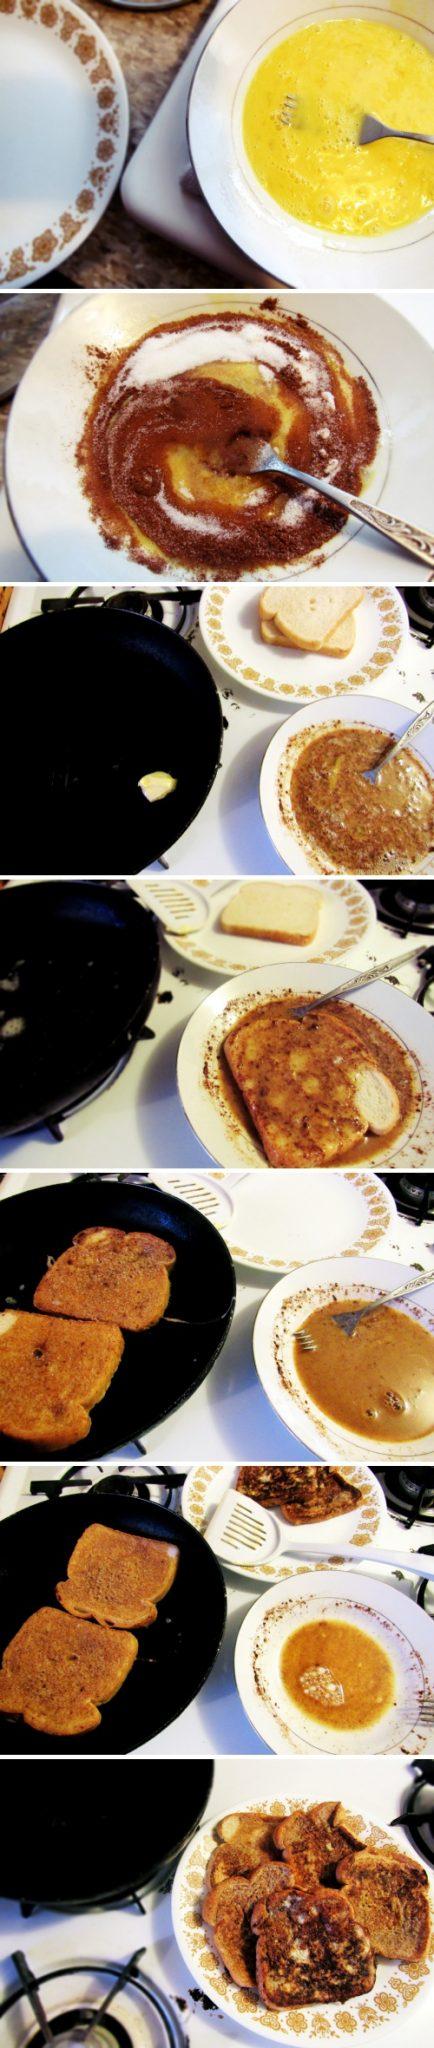 Viu? É bem fácil fazer umas French Toasts!